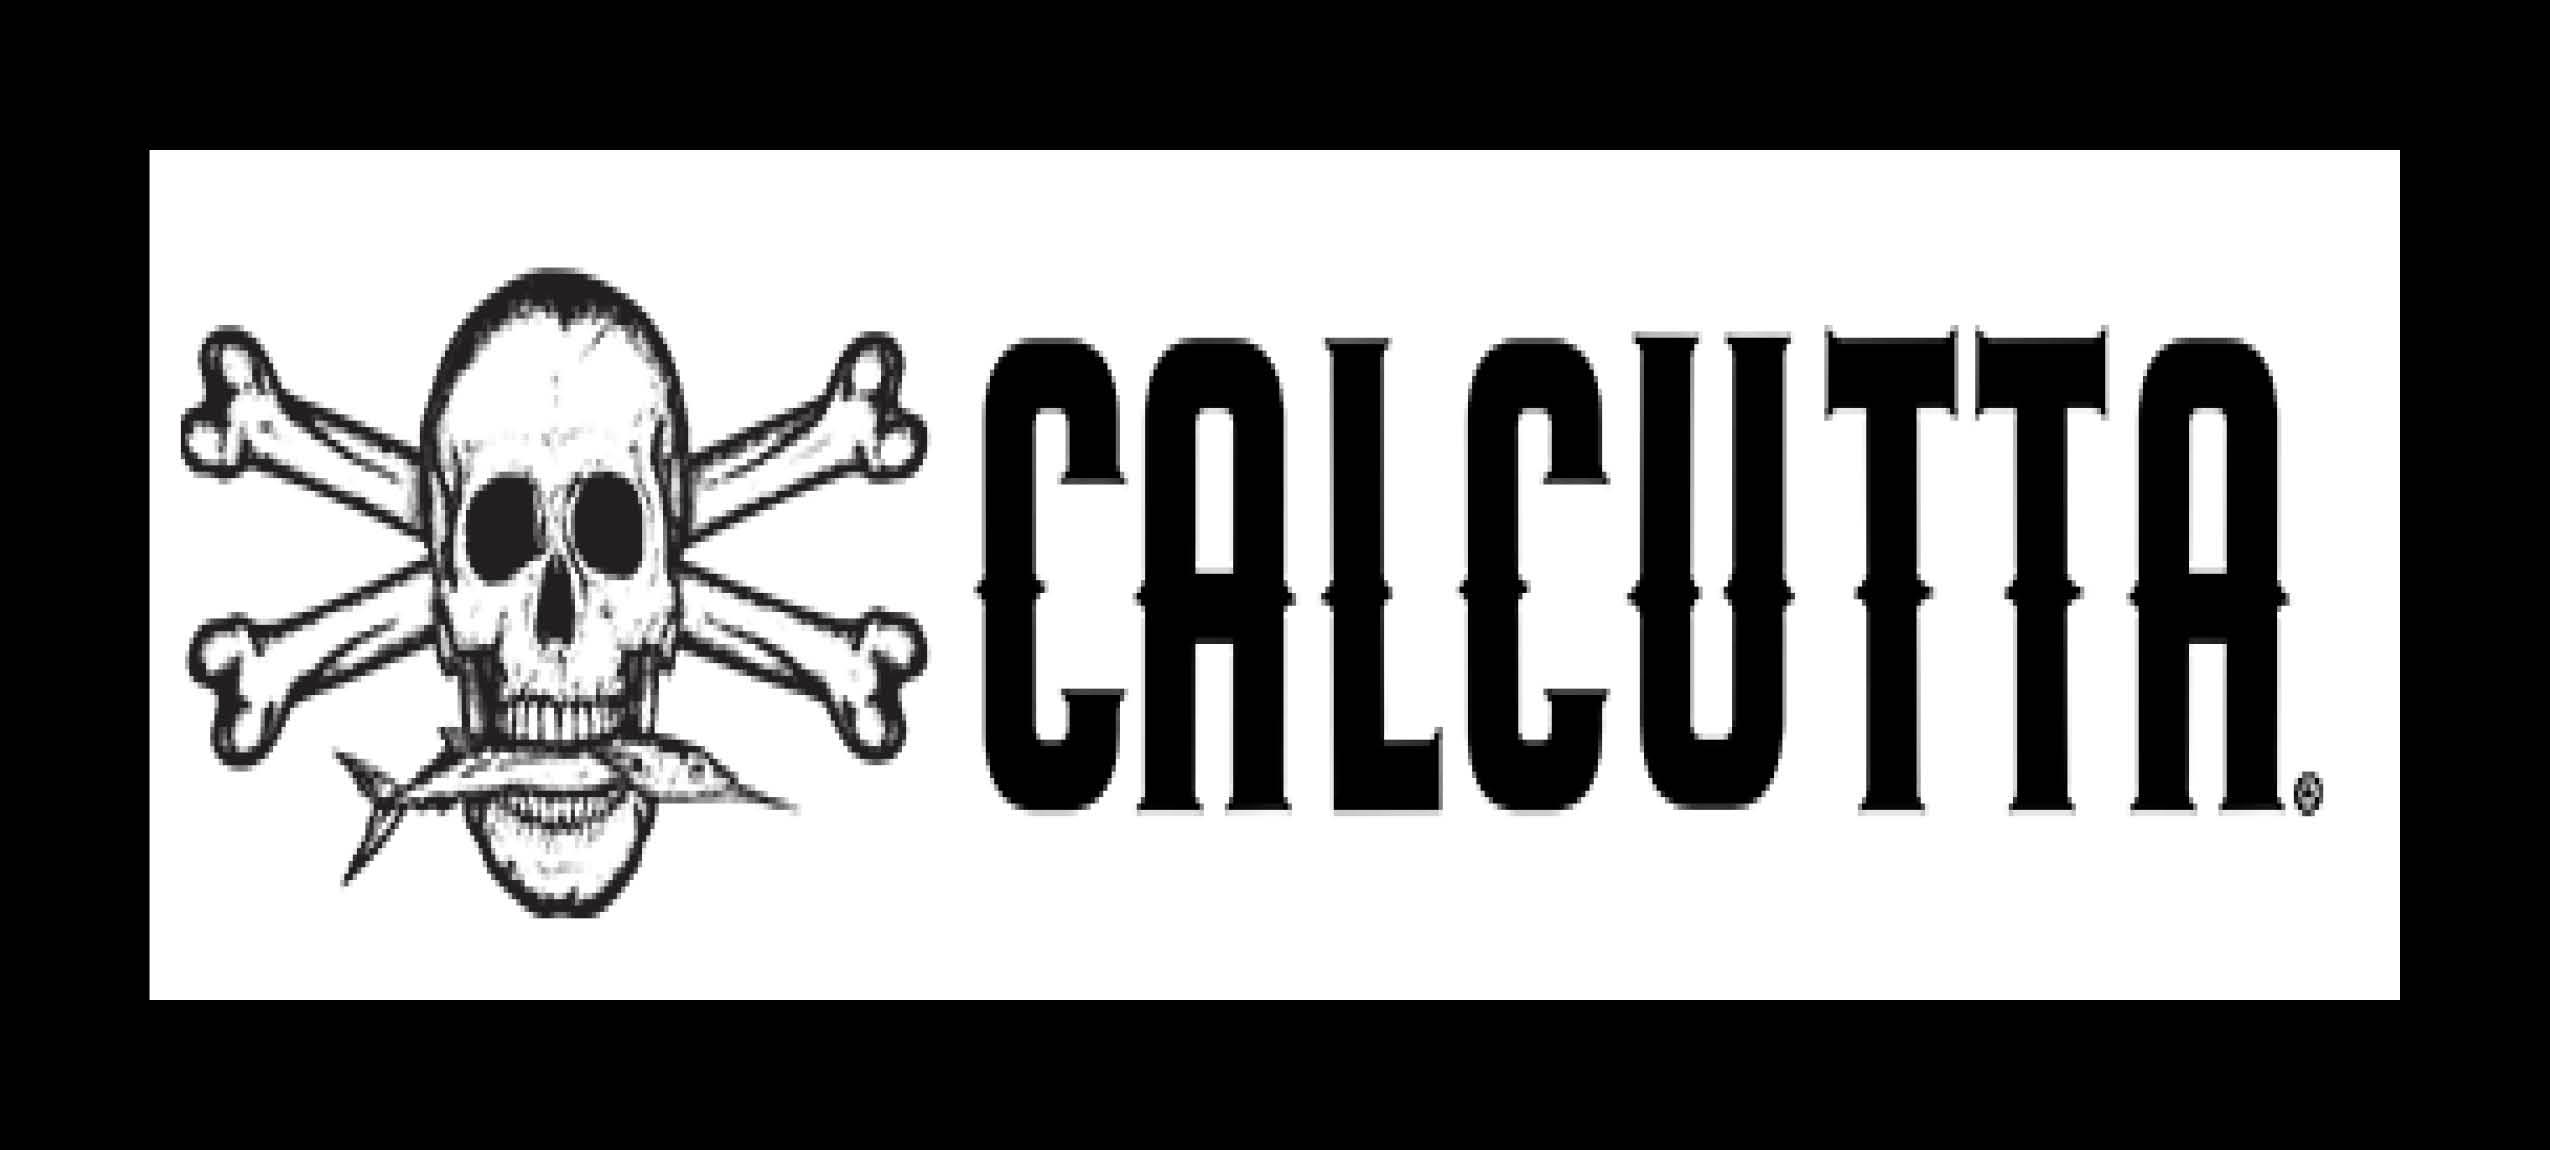 calculttabrand